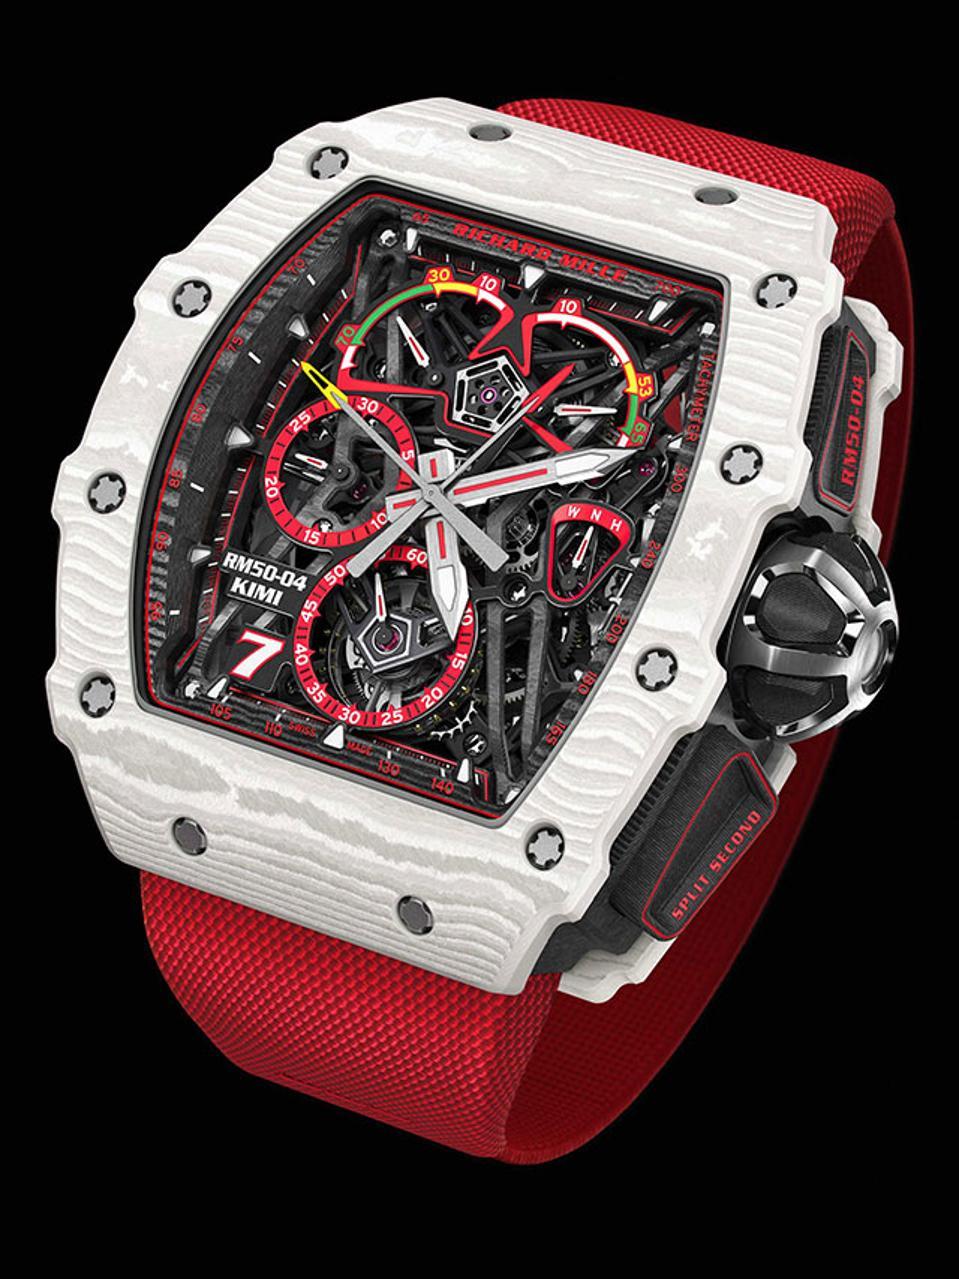 Richard Mille's Million-Dollar Racy Red Tourbillon Chronograph Kimi Räikkönen Limited Edition